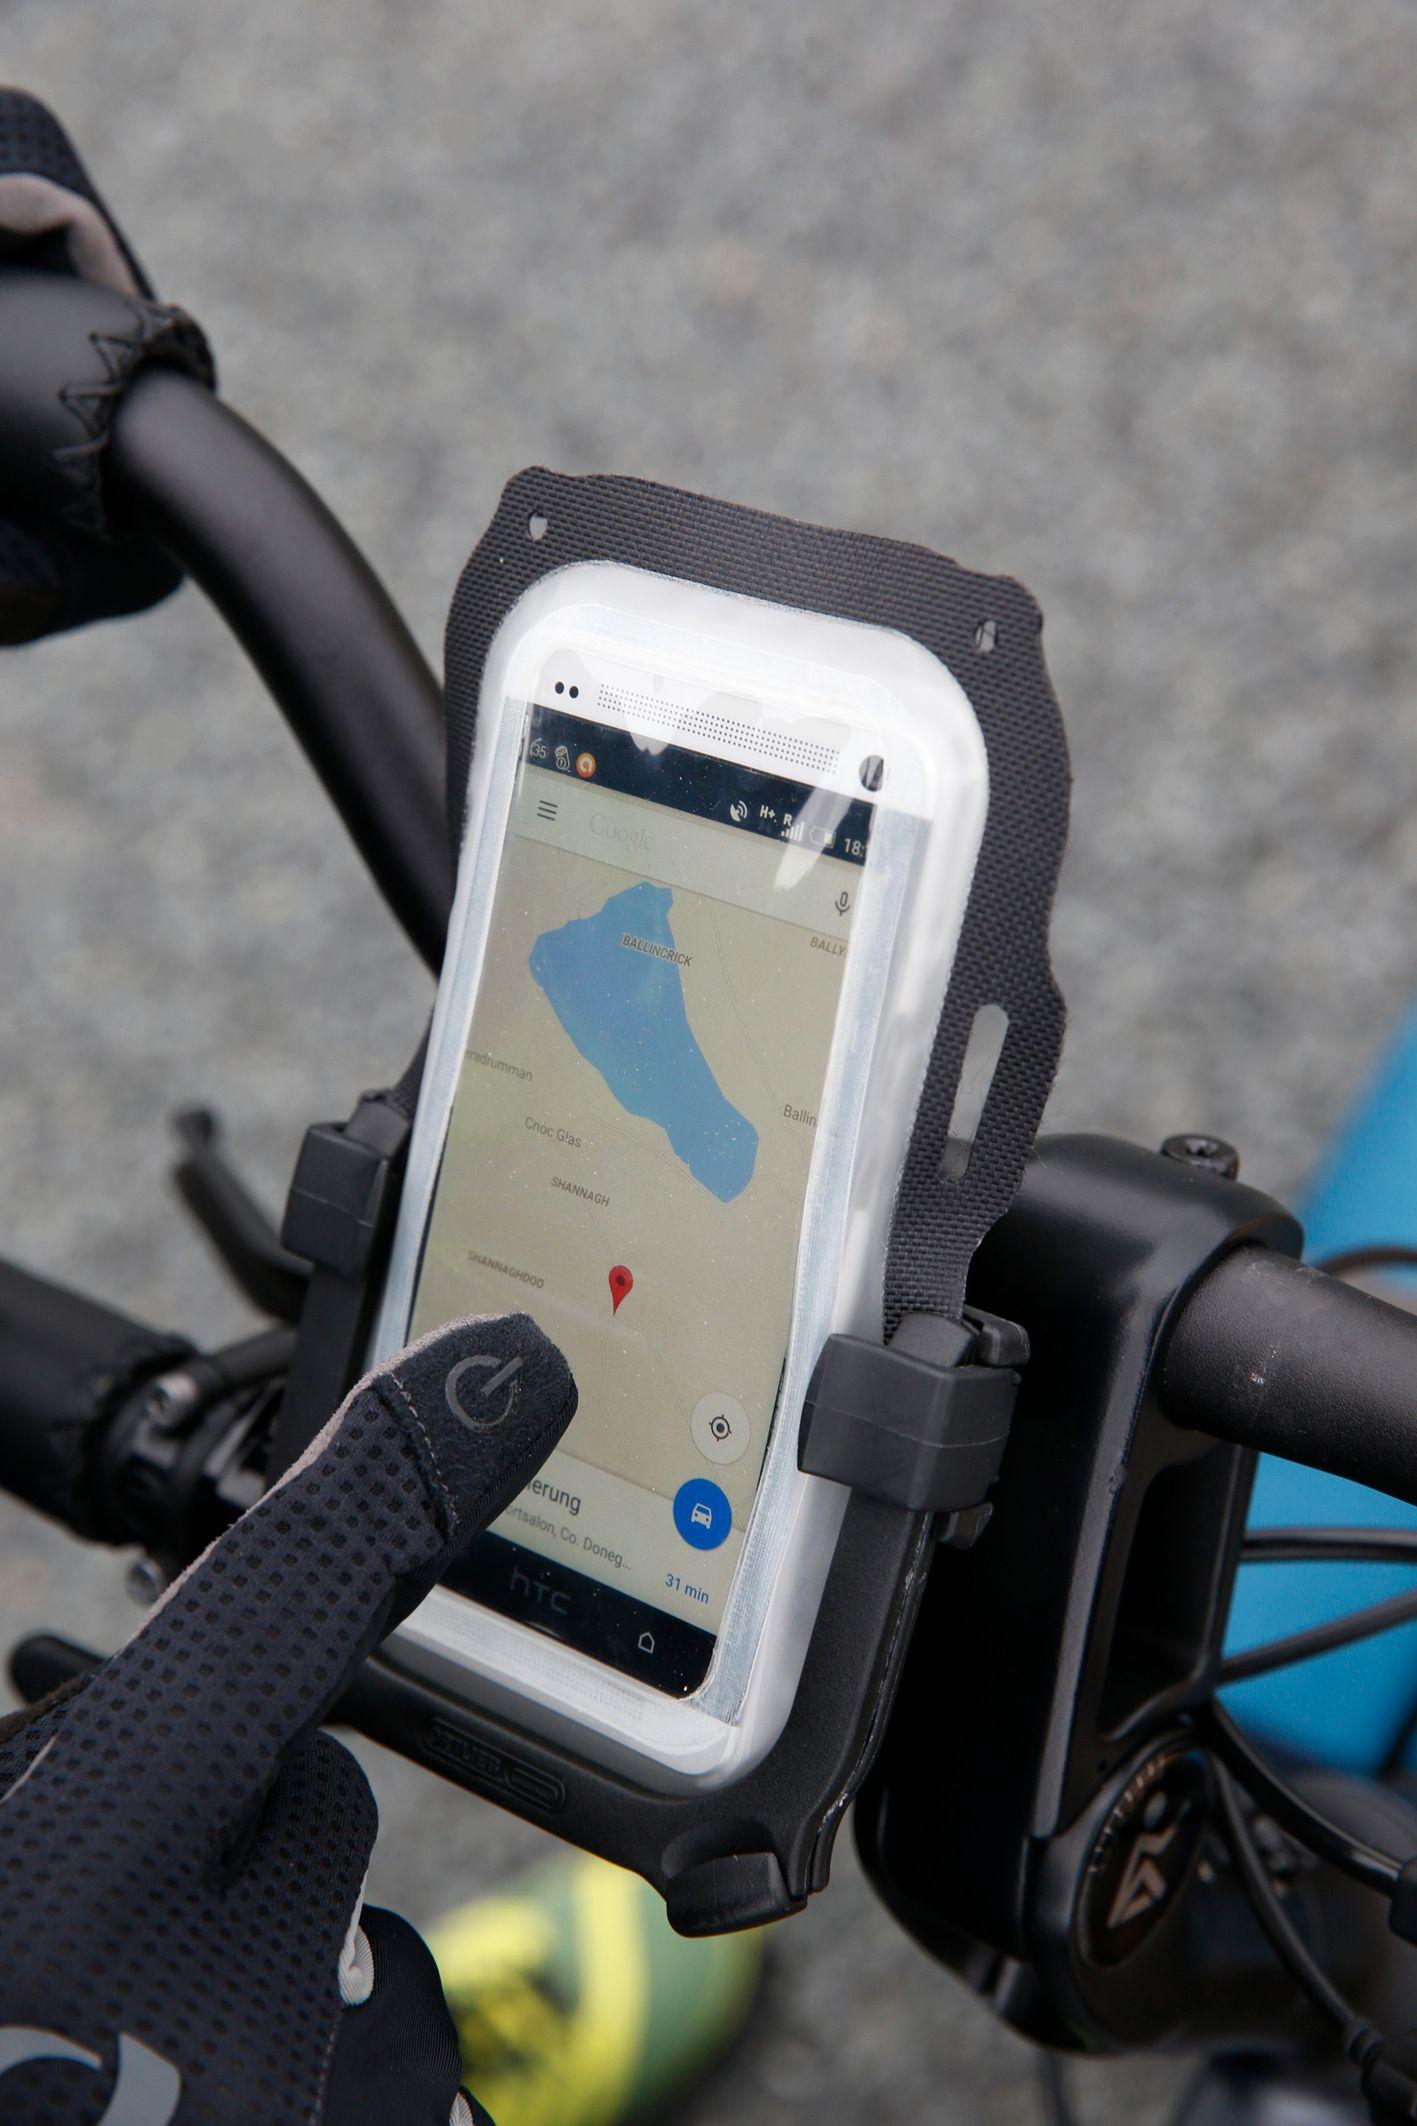 Teils rüsten die Hersteller ihre Handyhalterungen mit einer Wetterschutzhülle aus. Da aber immer mehr Smartphones auch wasserdicht oder spritzgeschützt sind, besteht dazu immer weniger Notwendigkeit.